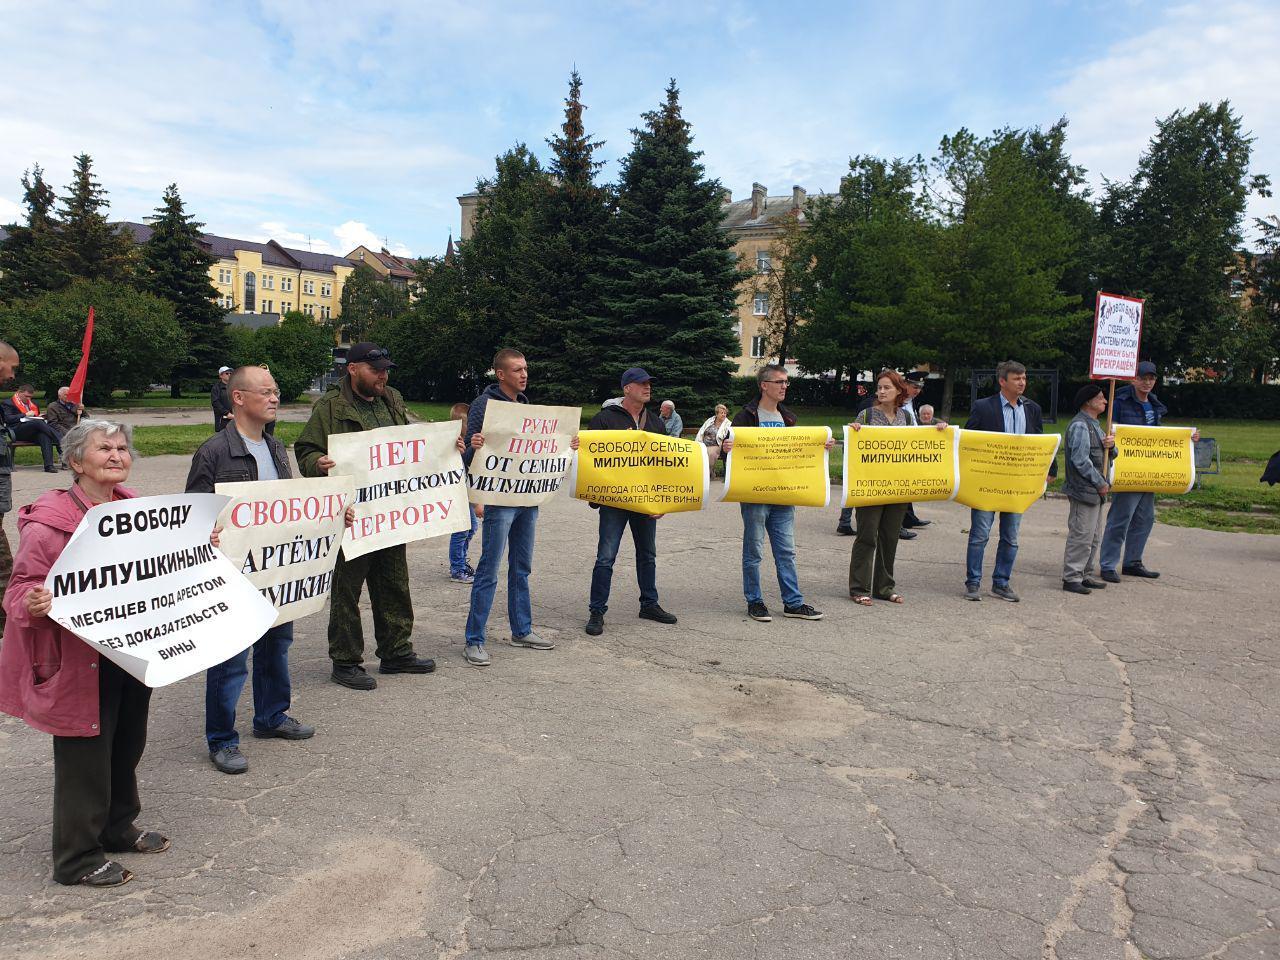 Митинг в Пскове 13 июля